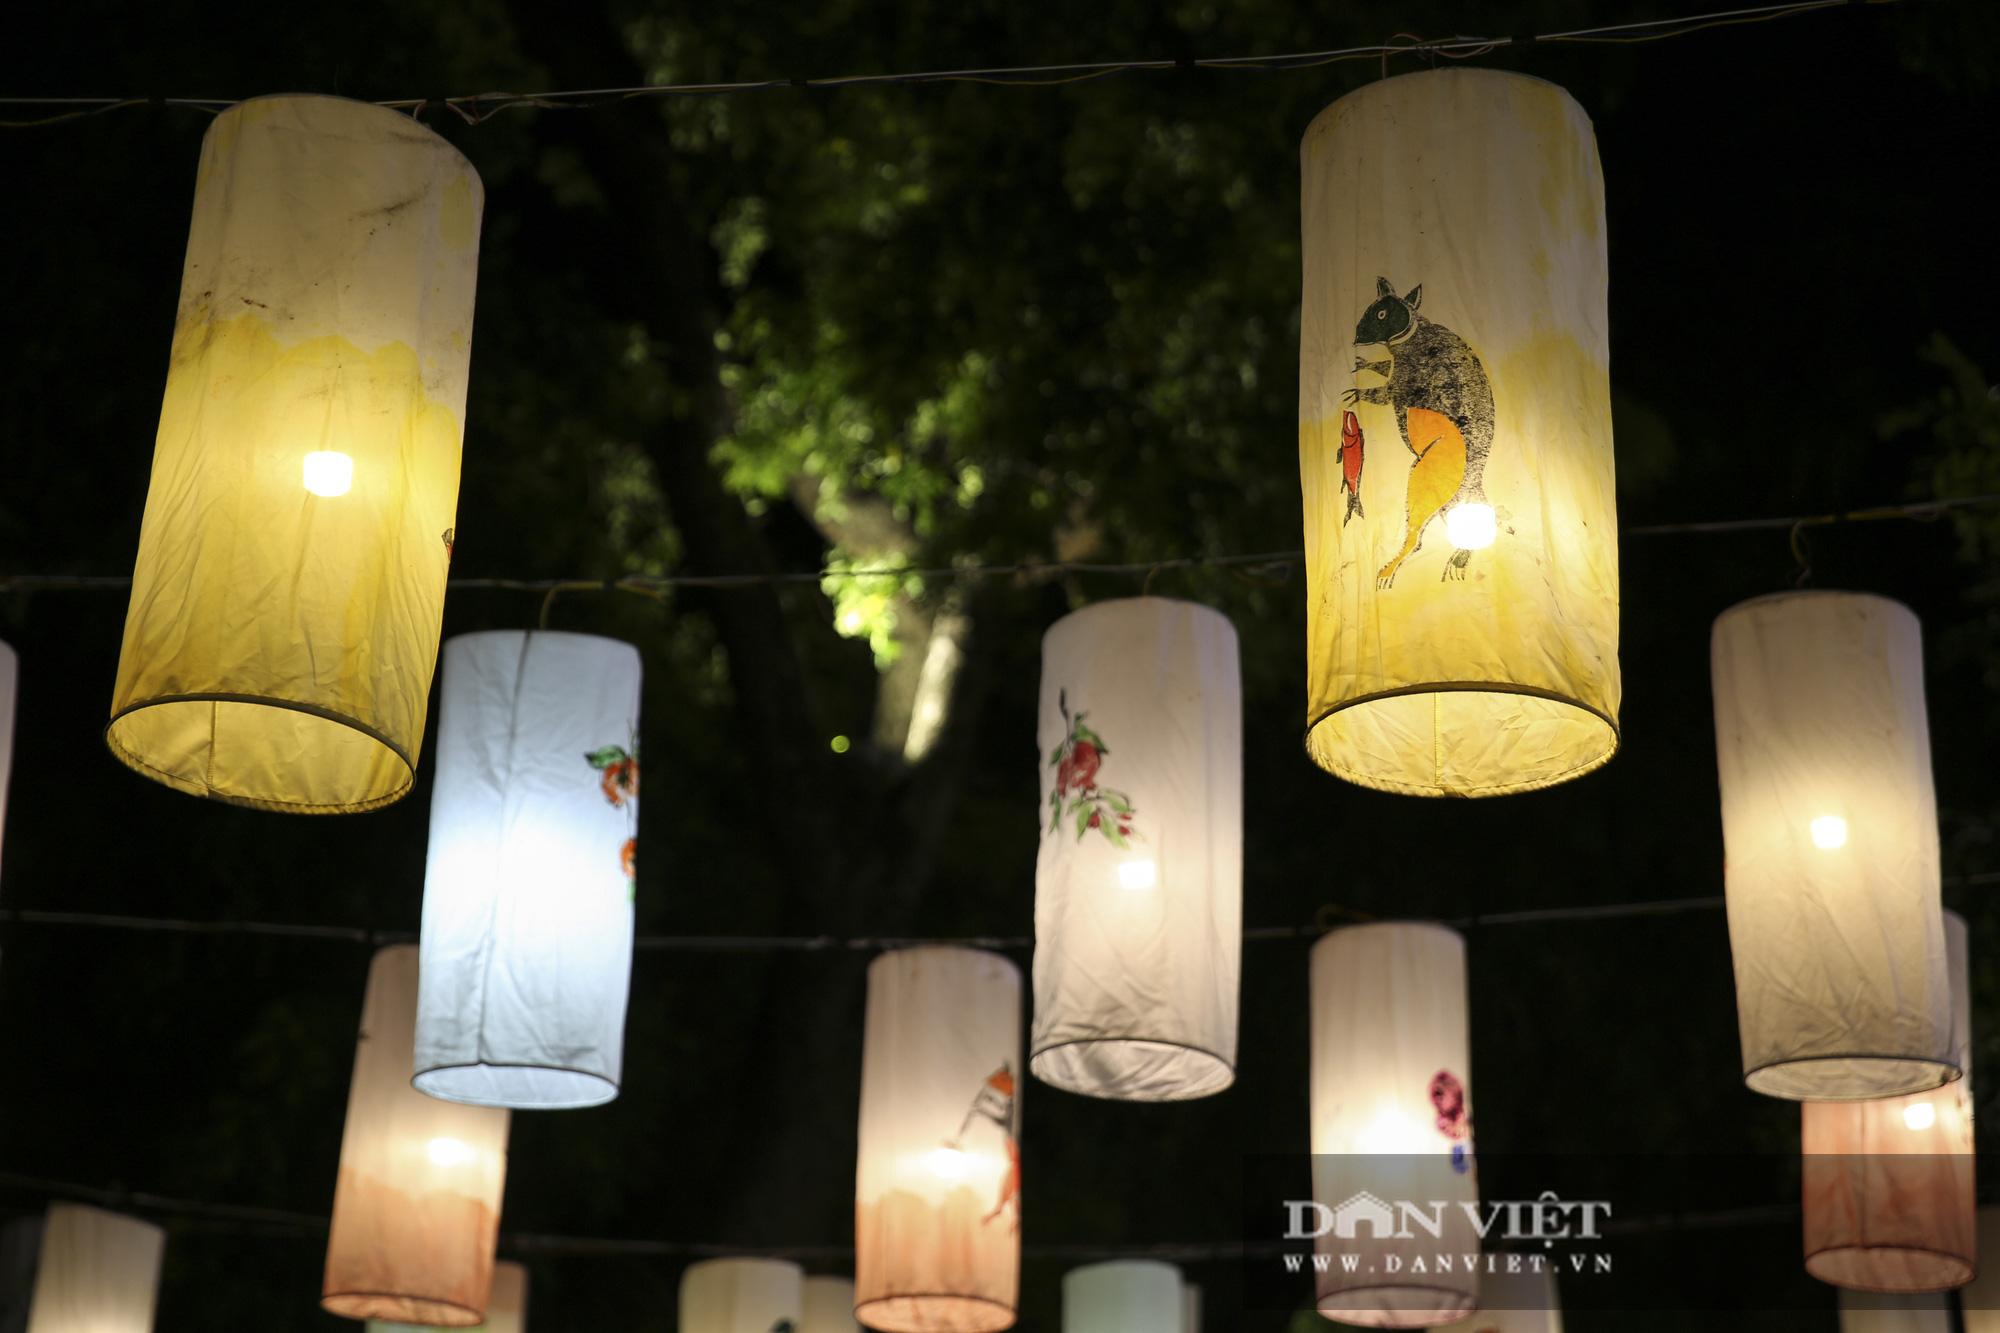 Hàng nghìn người đổ phố bích họa Phùng Hưng thưởng lãm đèn lồng - Ảnh 10.